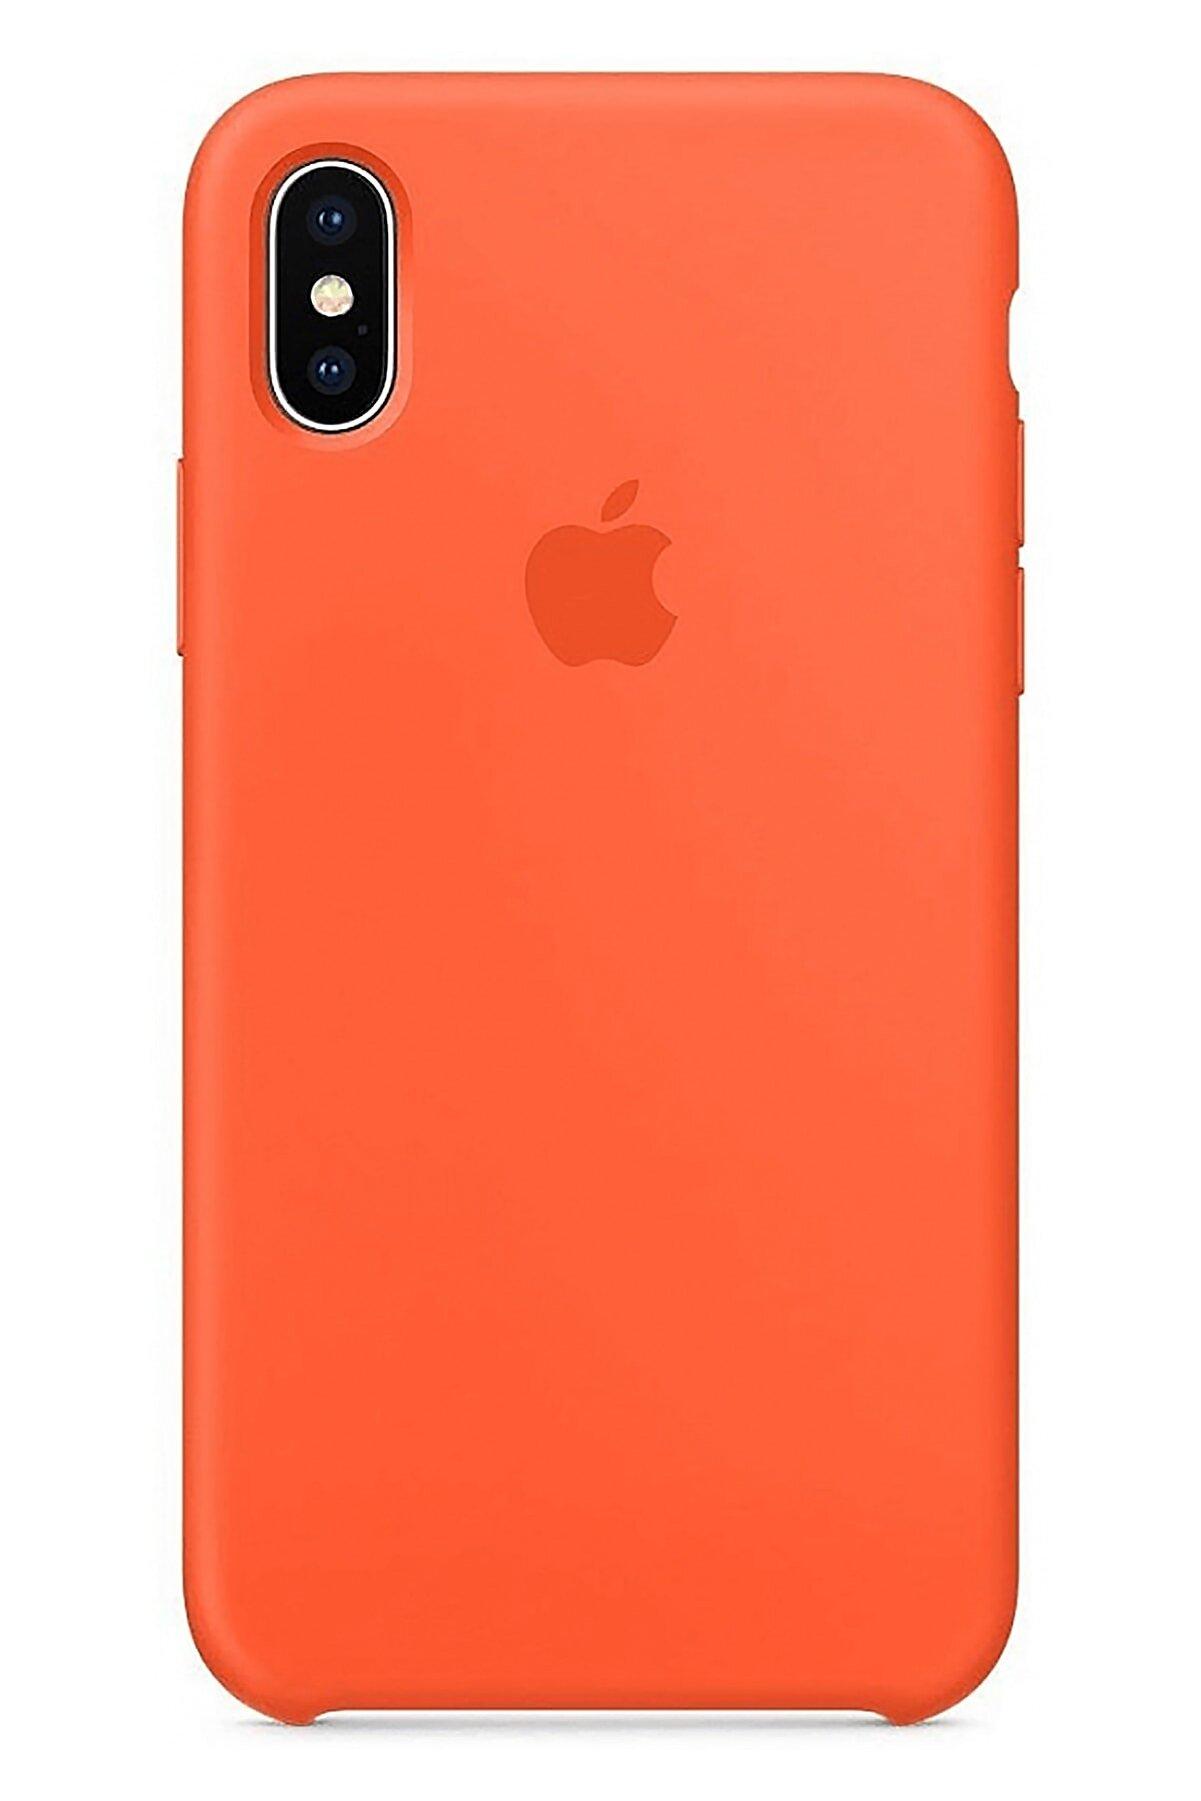 Ebotek Apple Iphone X Silikon Kılıf Pudra Turuncu